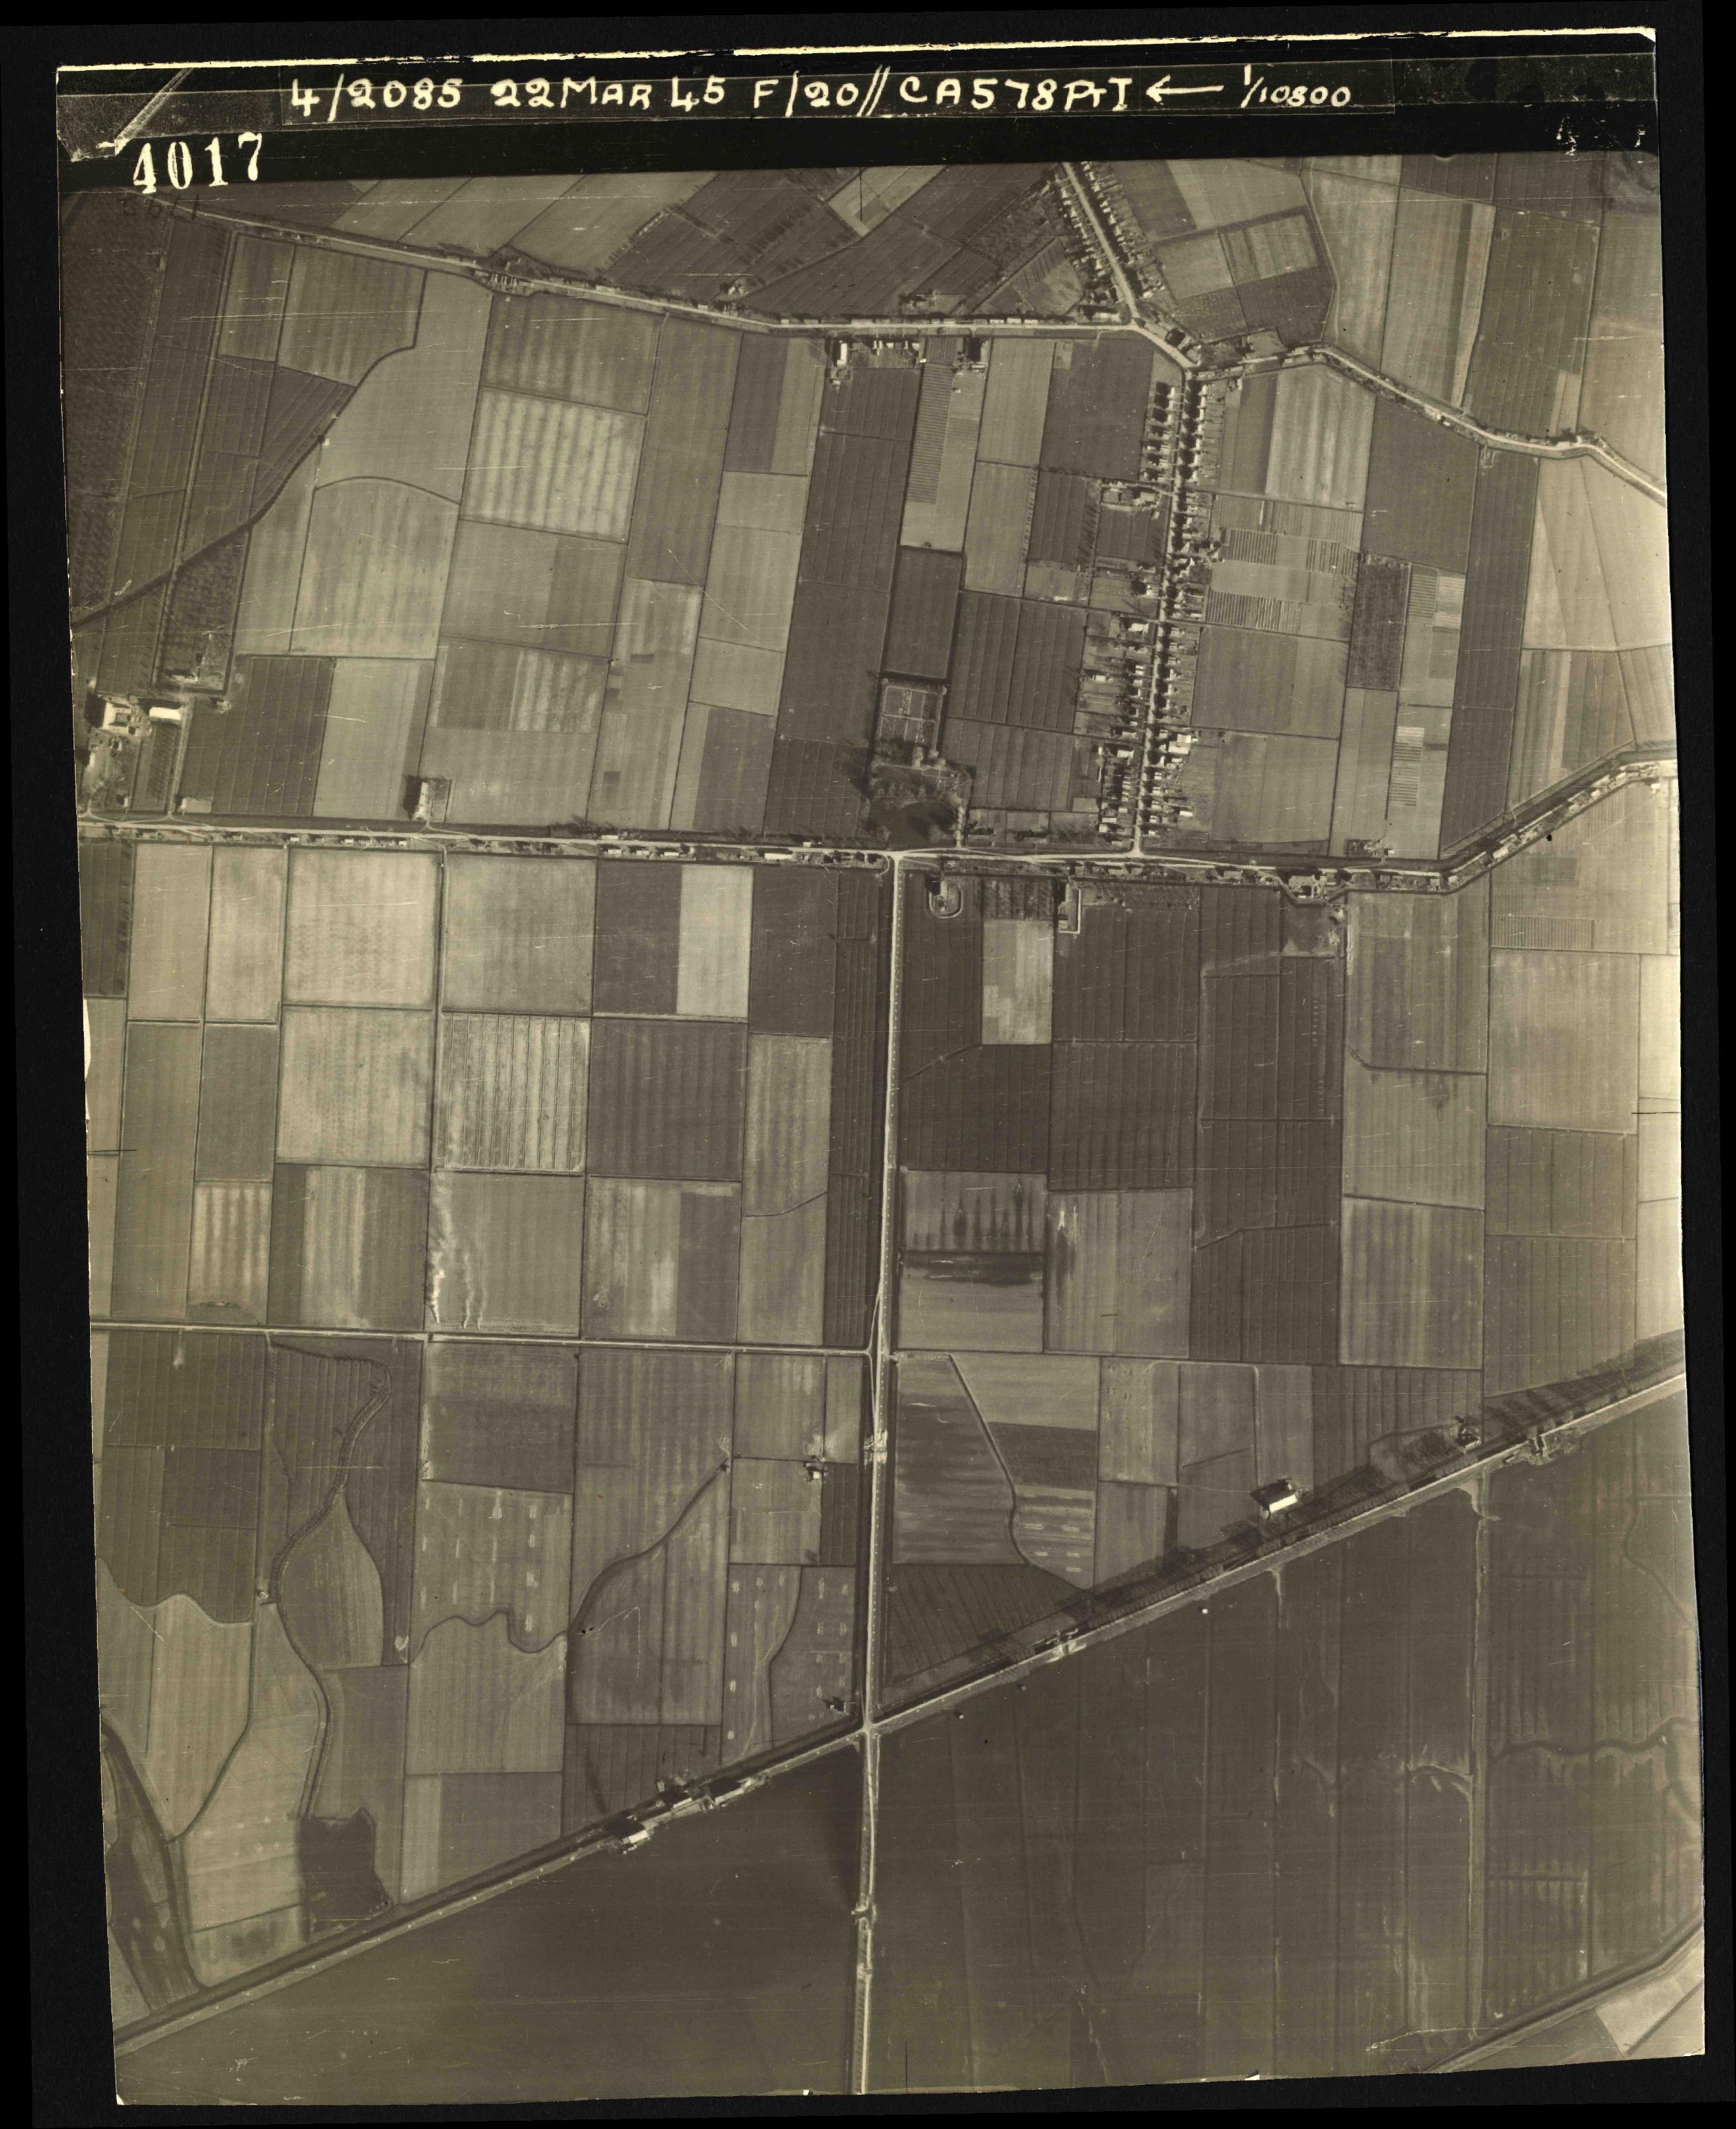 Collection RAF aerial photos 1940-1945 - flight 021, run 02, photo 4017